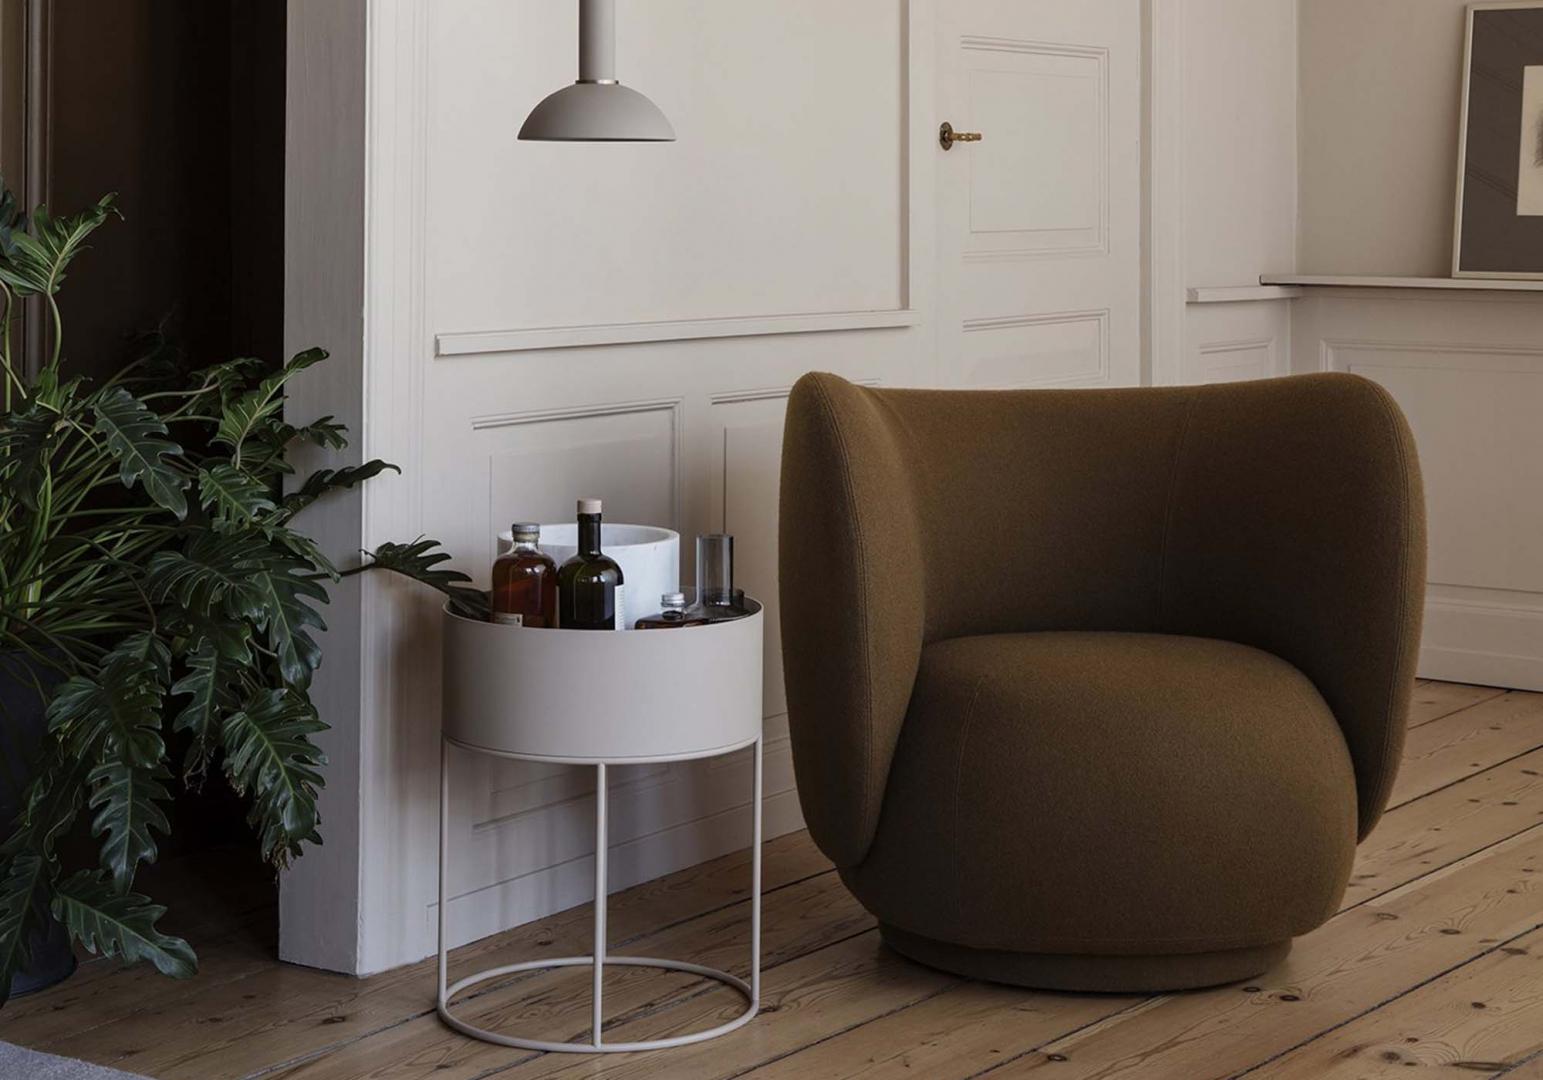 Jardinière Plant box ronde - FERM LIIVNG